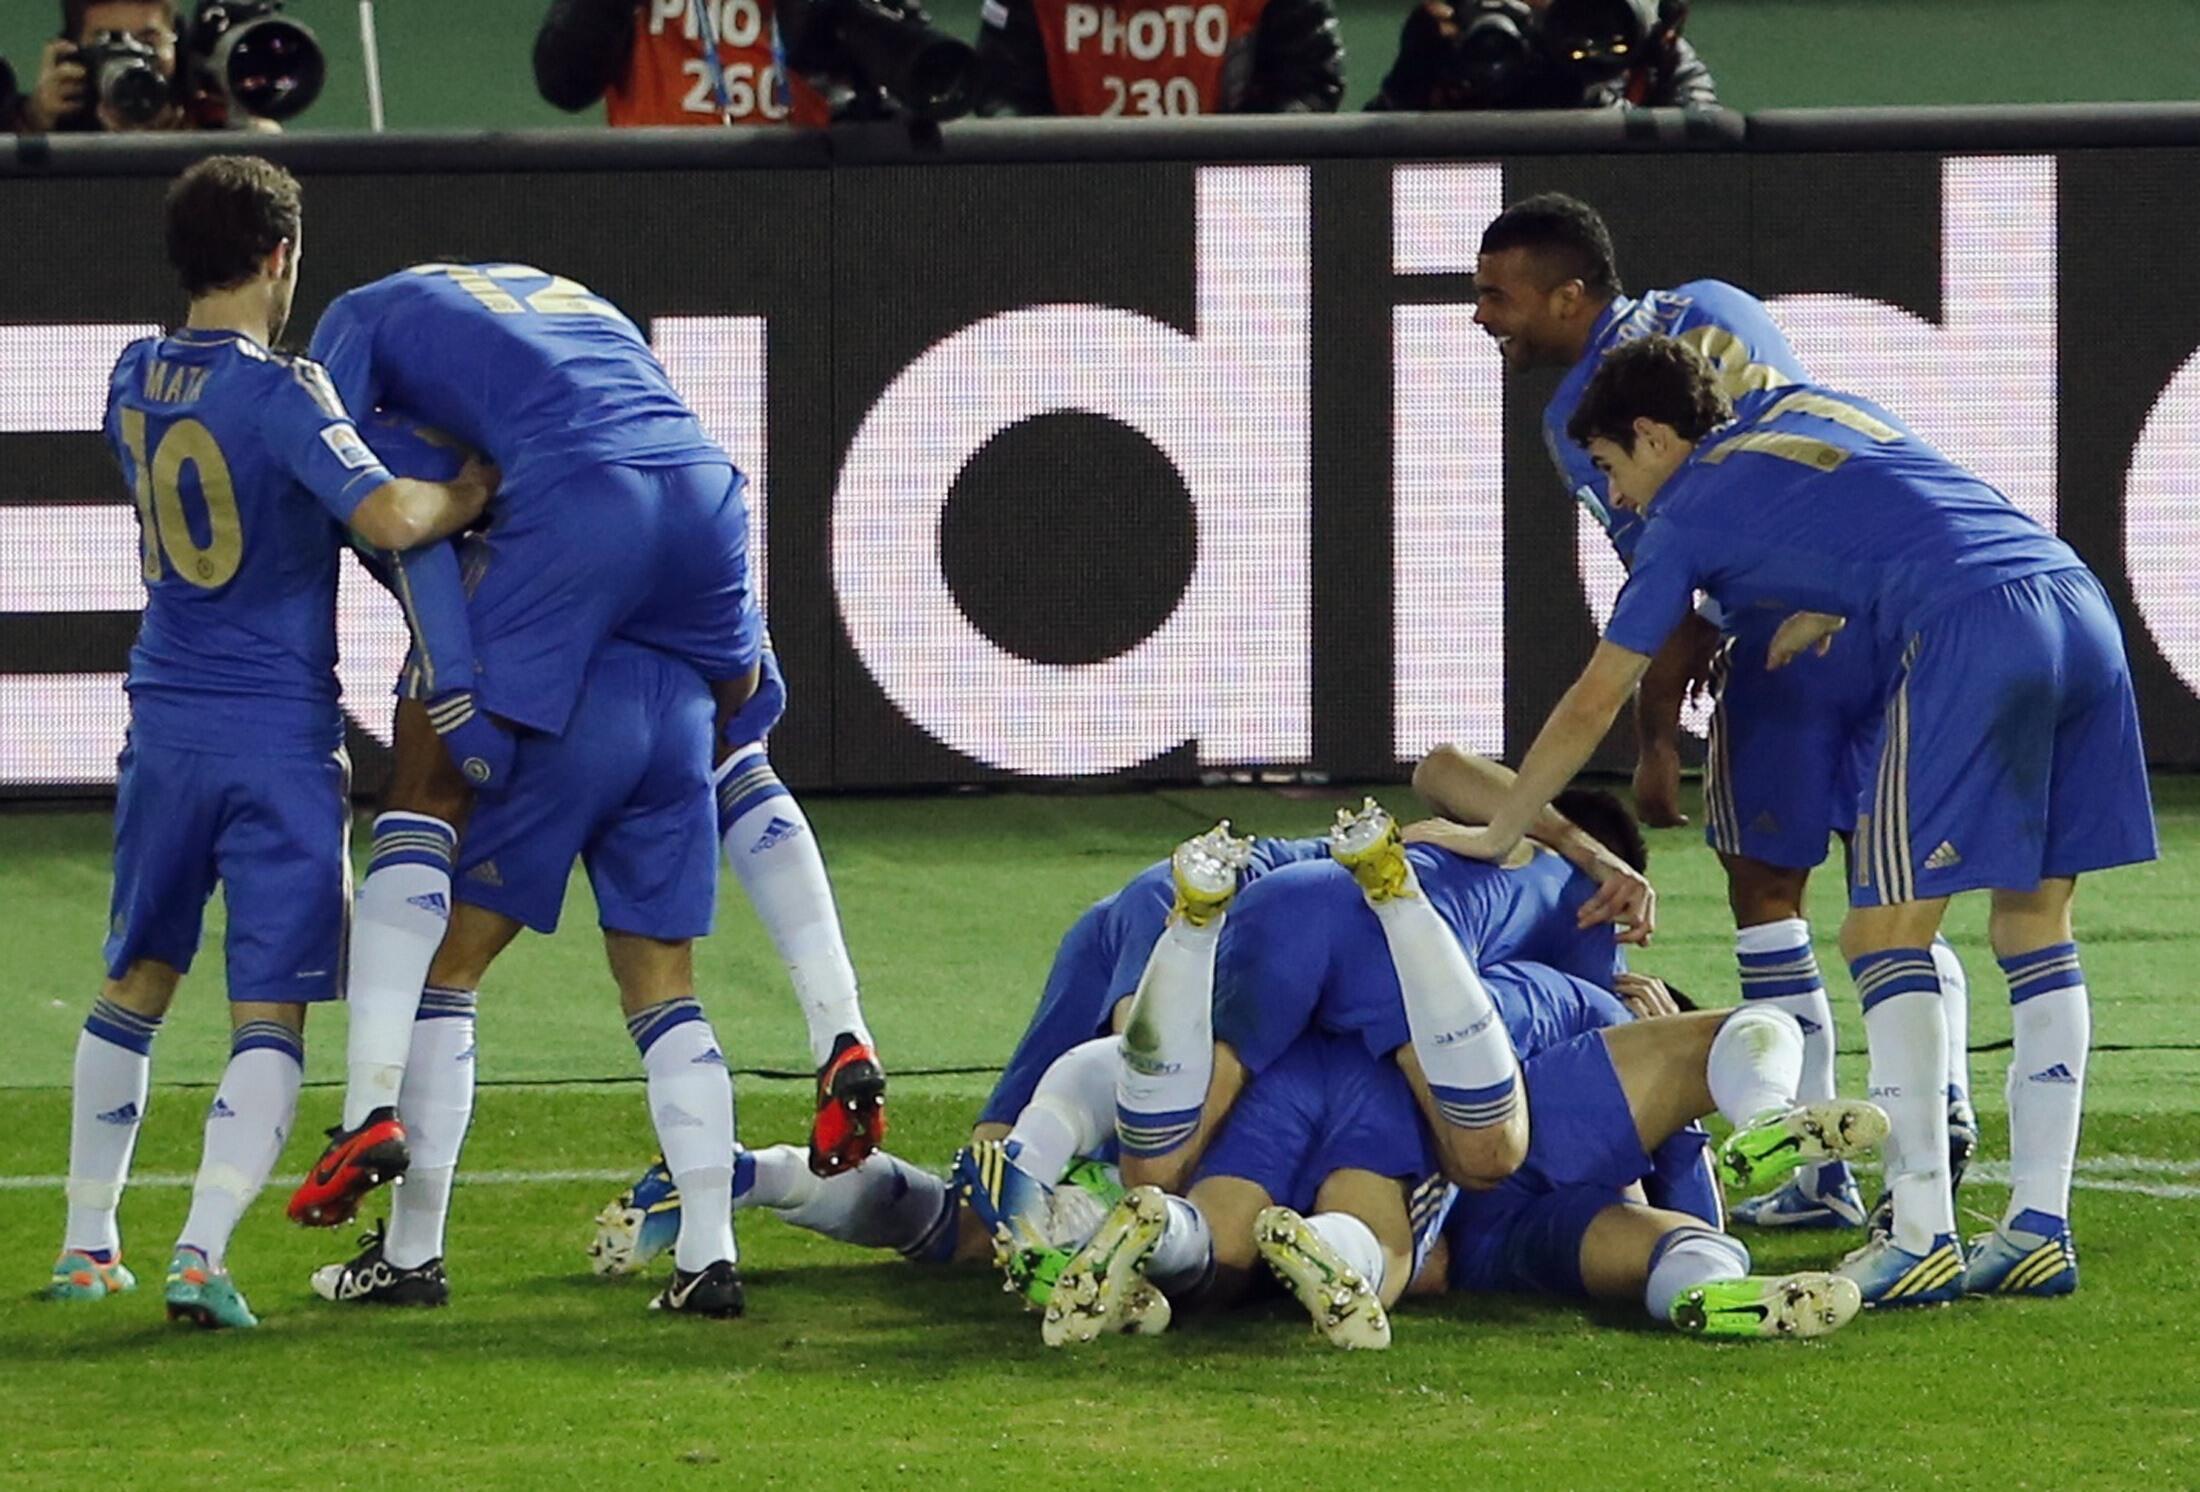 Wachezaji wa klabu ya Chelsea wakisherekea baada ya kupata ushindi dhidi ya Monterrey katika mechi ya tarehe 13 mwezi huu